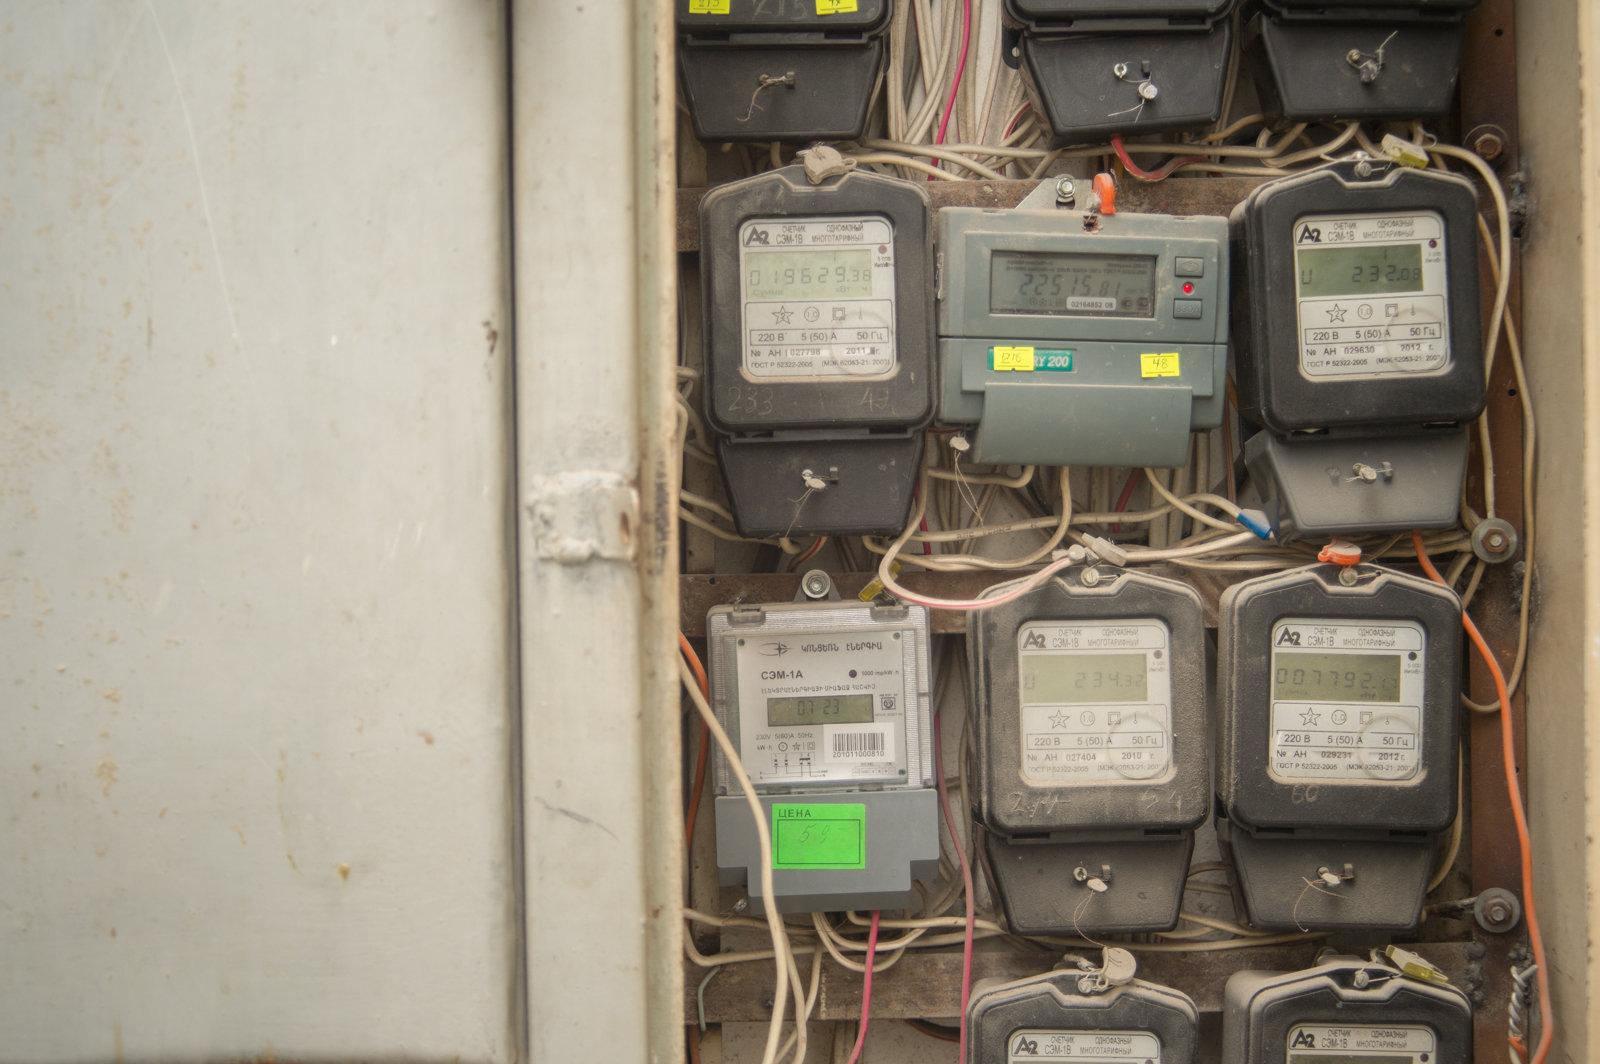 ՀԷՑ-ը հնարավոր է տուգանվի հաշվիչների ժամային շեղումները չուղղելու համար